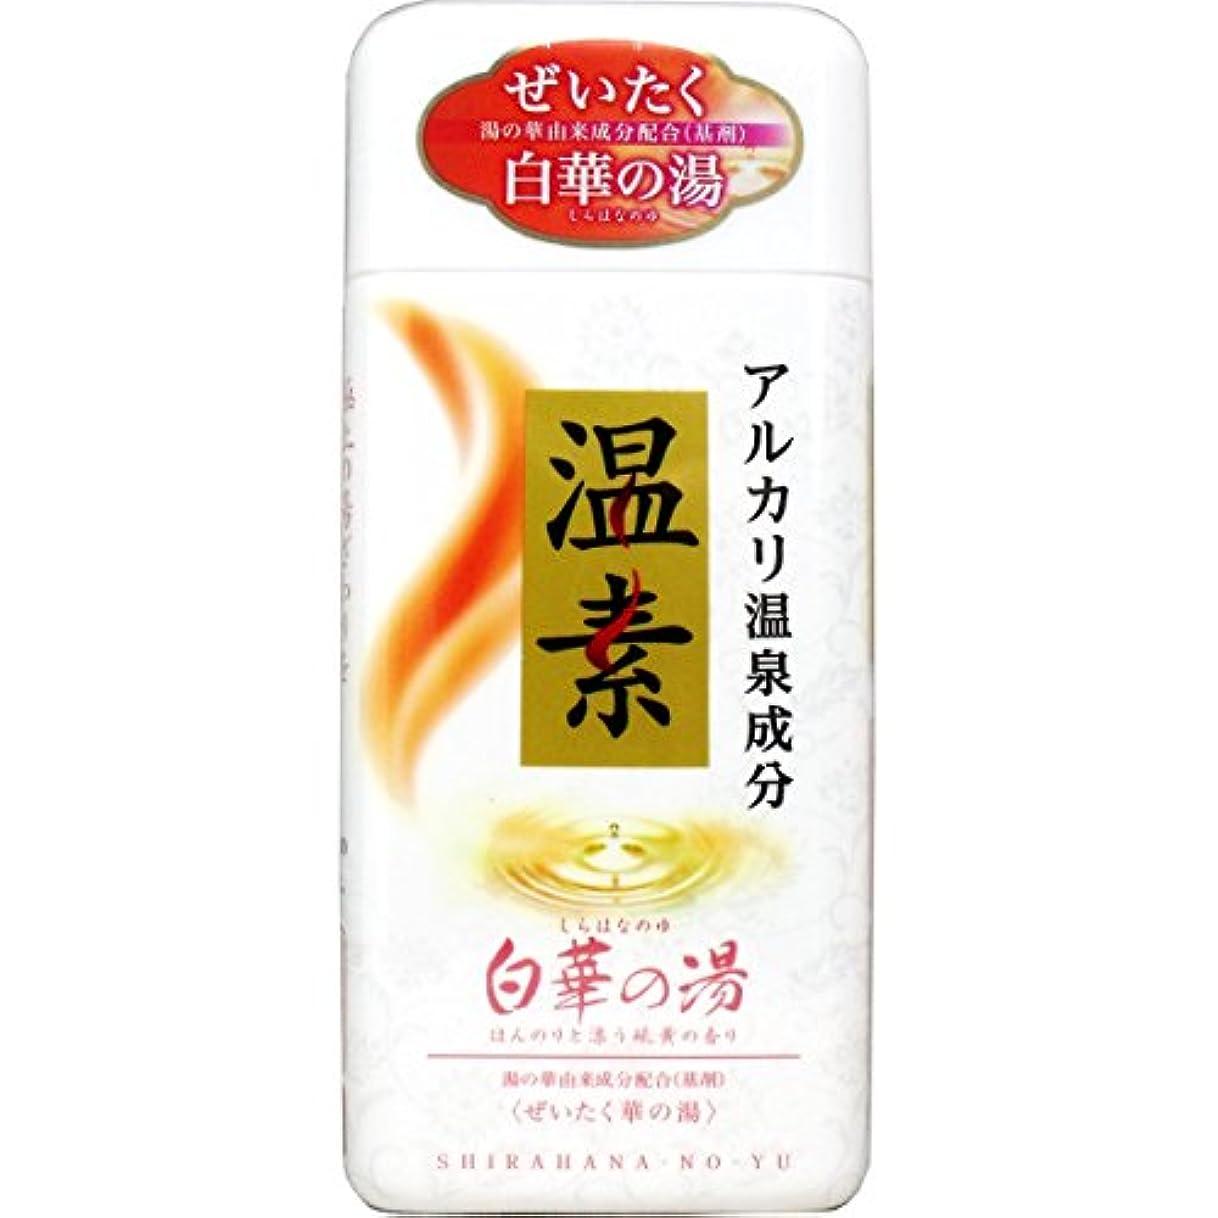 お風呂用品 ぜいたく華の湯 本物志向 アルカリ温泉成分 温素 入浴剤 白華の湯 硫黄の香り 600g入【2個セット】